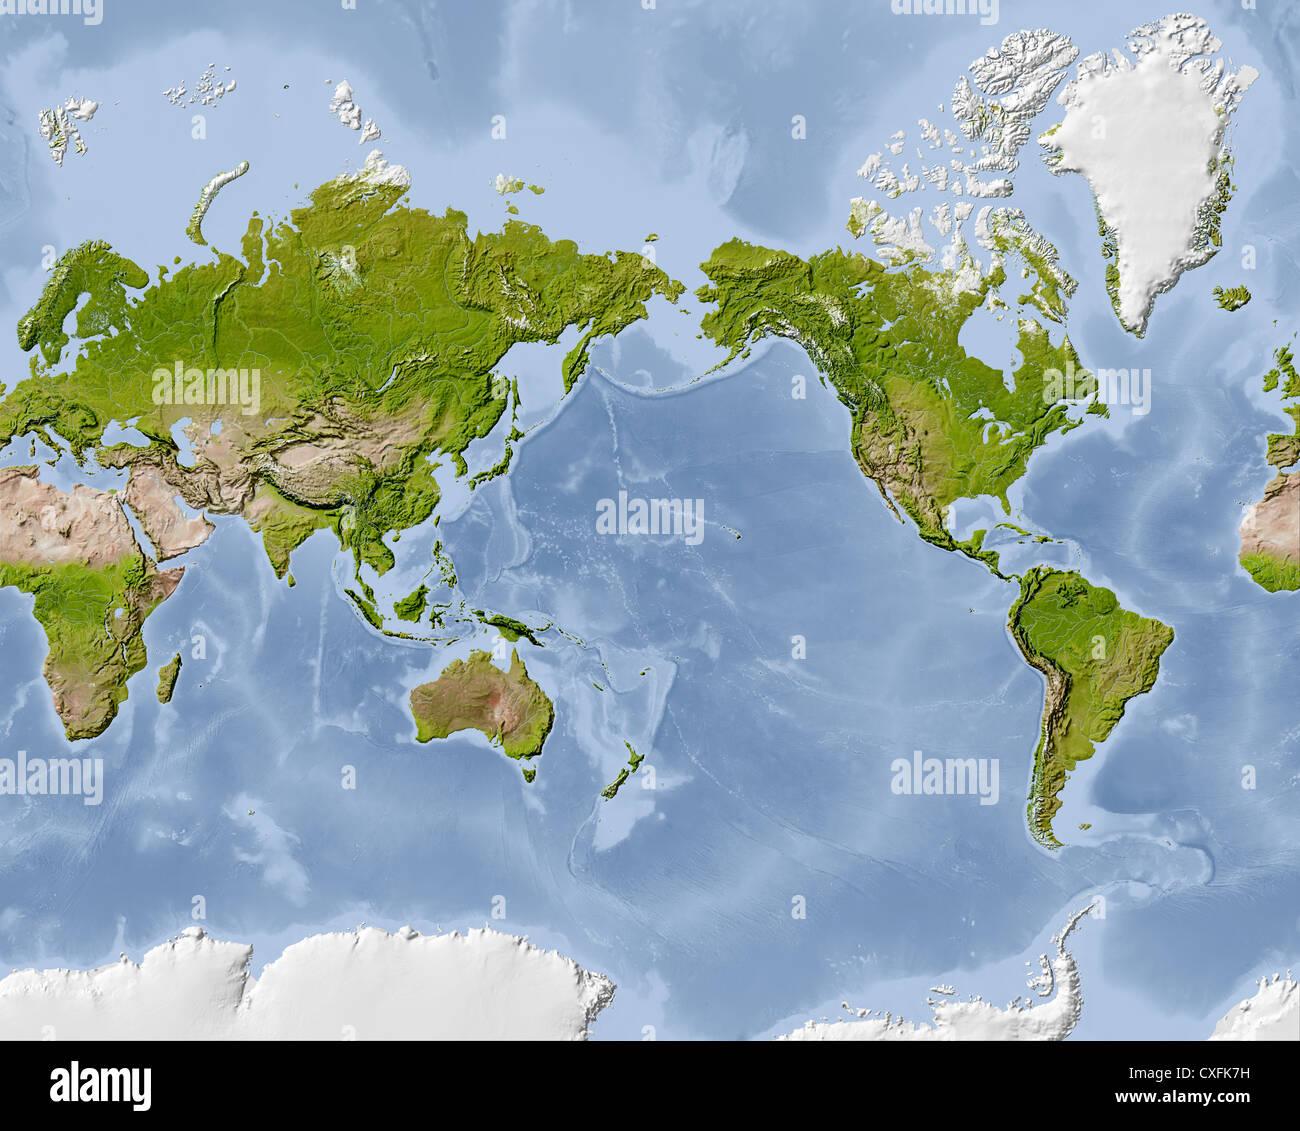 Weltkarte, schattierte Reliefkarte.  Zentriert auf dem Pazifik. Stockbild